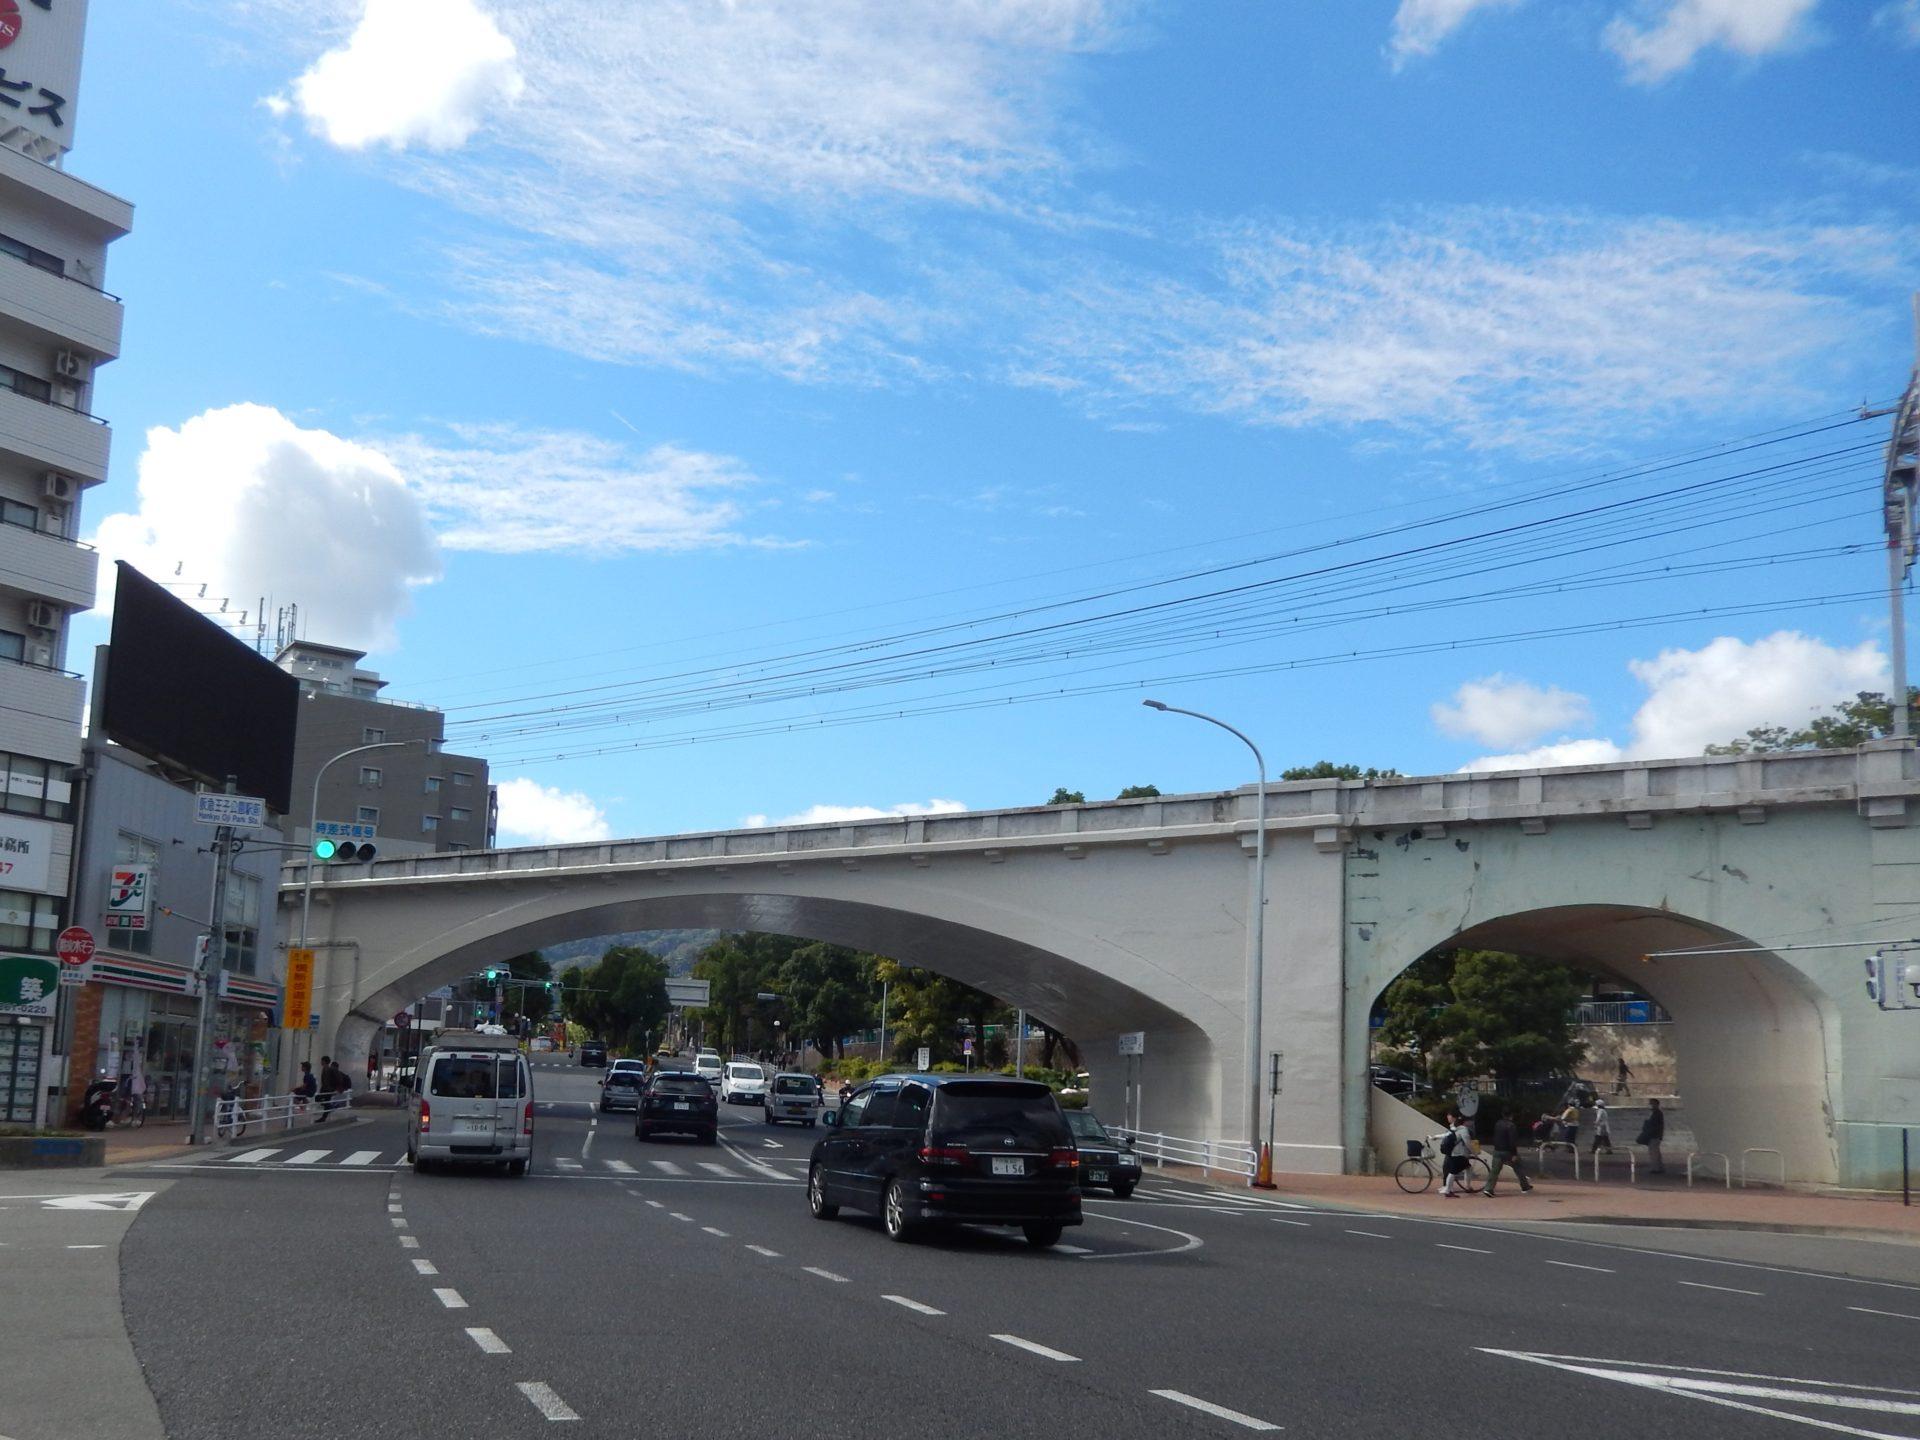 王子公園駅の西で山手幹線を越える原田拱橋(L=65.5m)